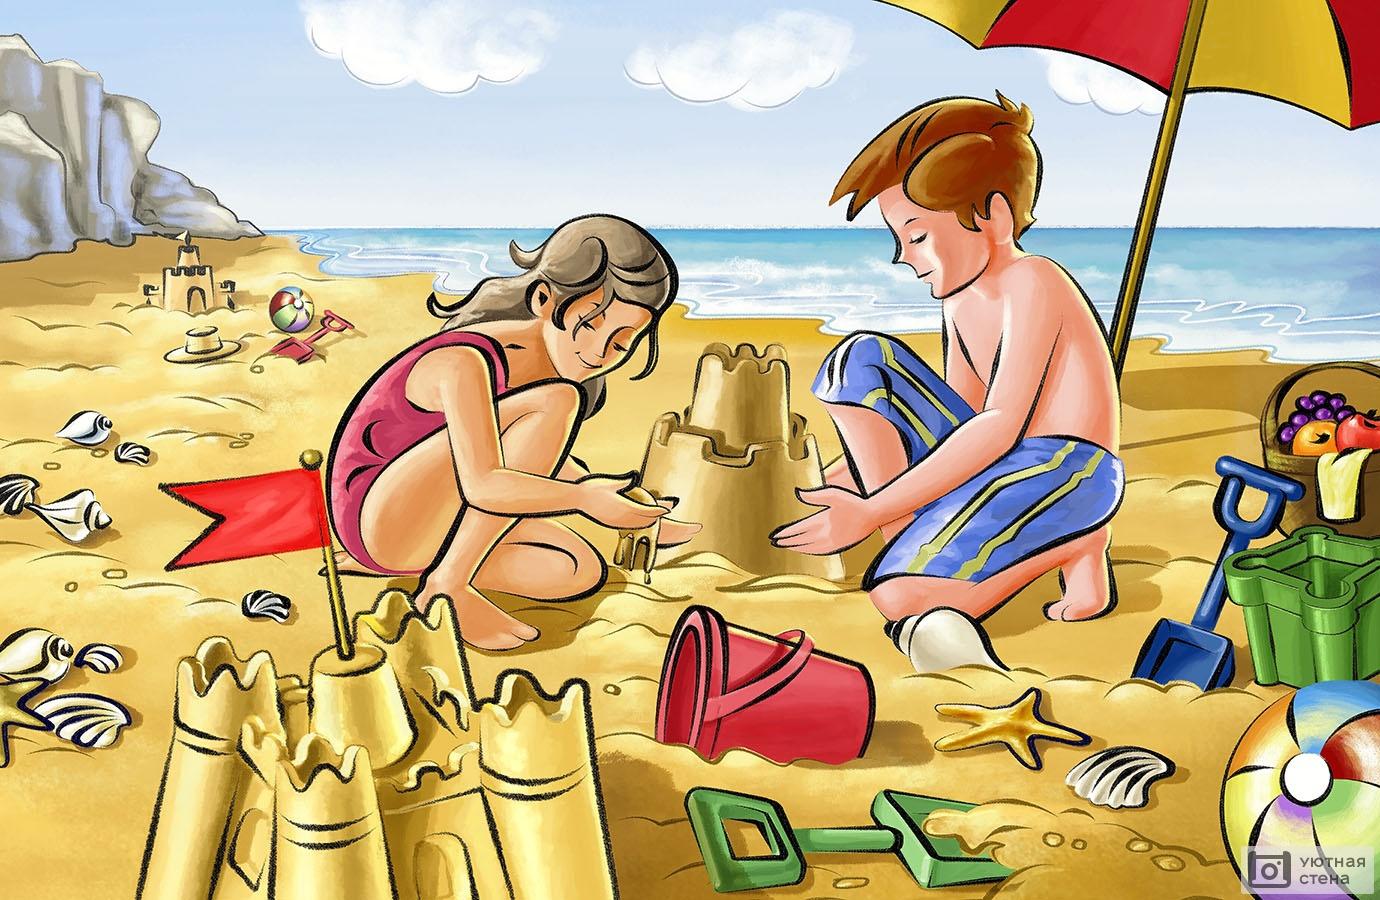 Безопасность детей на воде: правила поведения и советы родителям в летний период